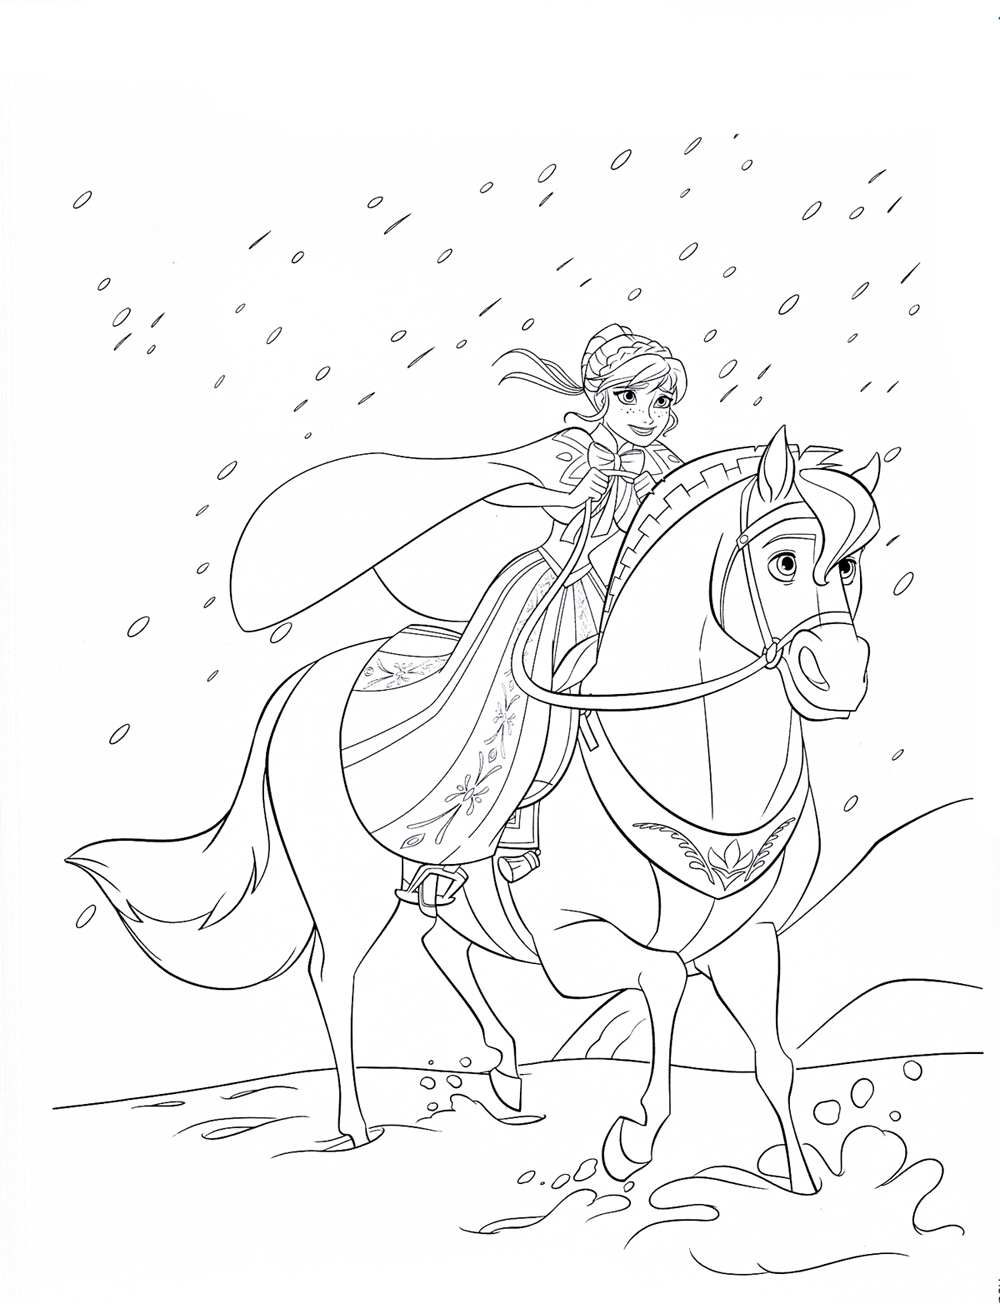 Принцесса на лошади Раскраски зима распечатать бесплатно